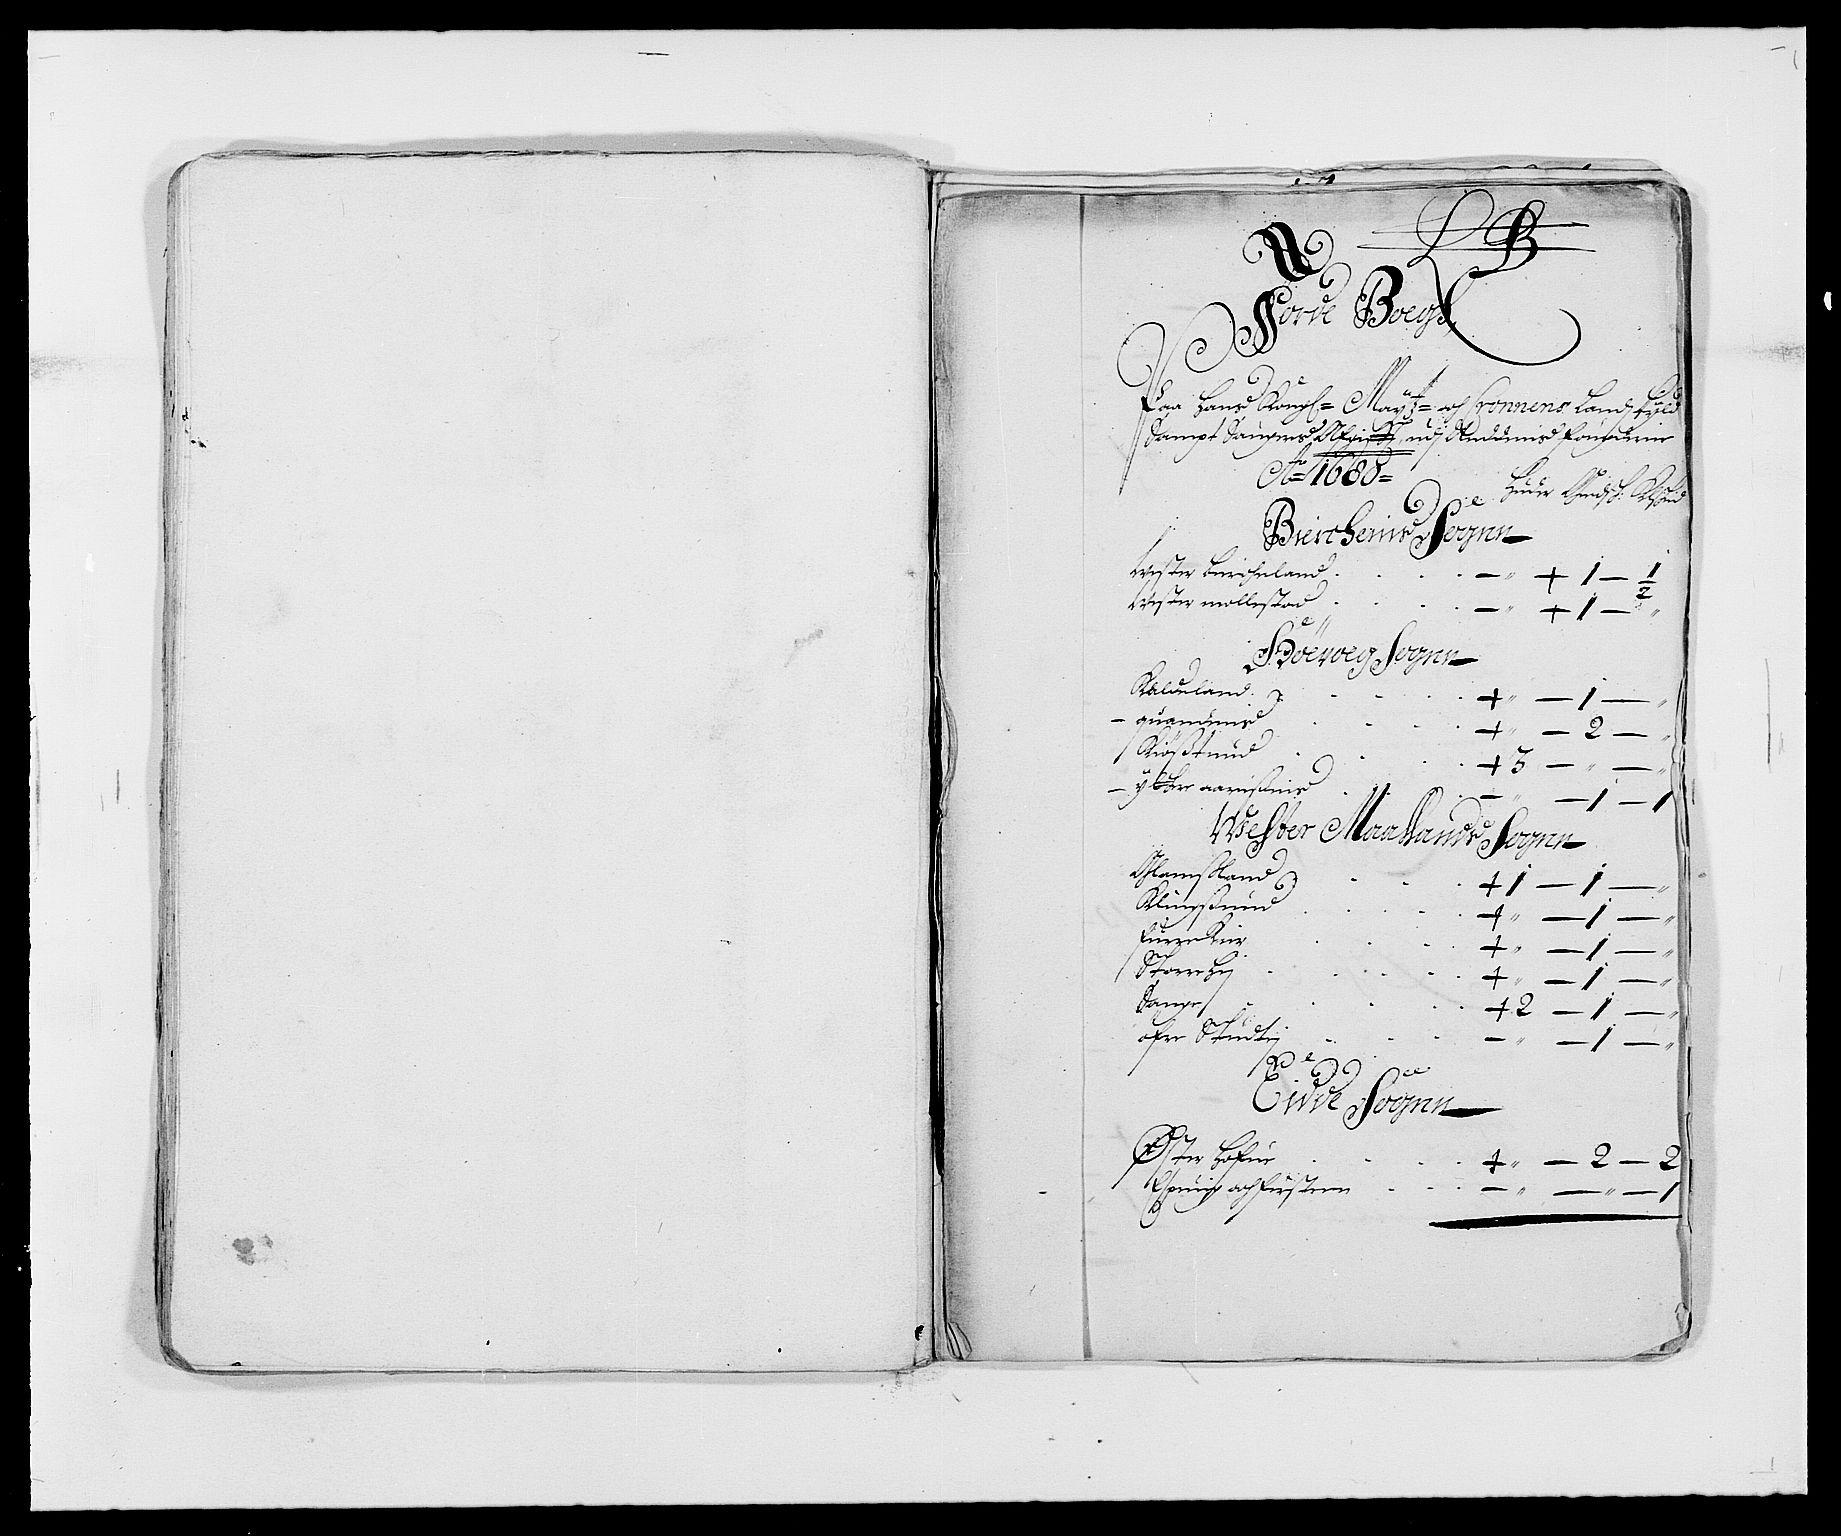 RA, Rentekammeret inntil 1814, Reviderte regnskaper, Fogderegnskap, R39/L2304: Fogderegnskap Nedenes, 1680-1682, s. 179